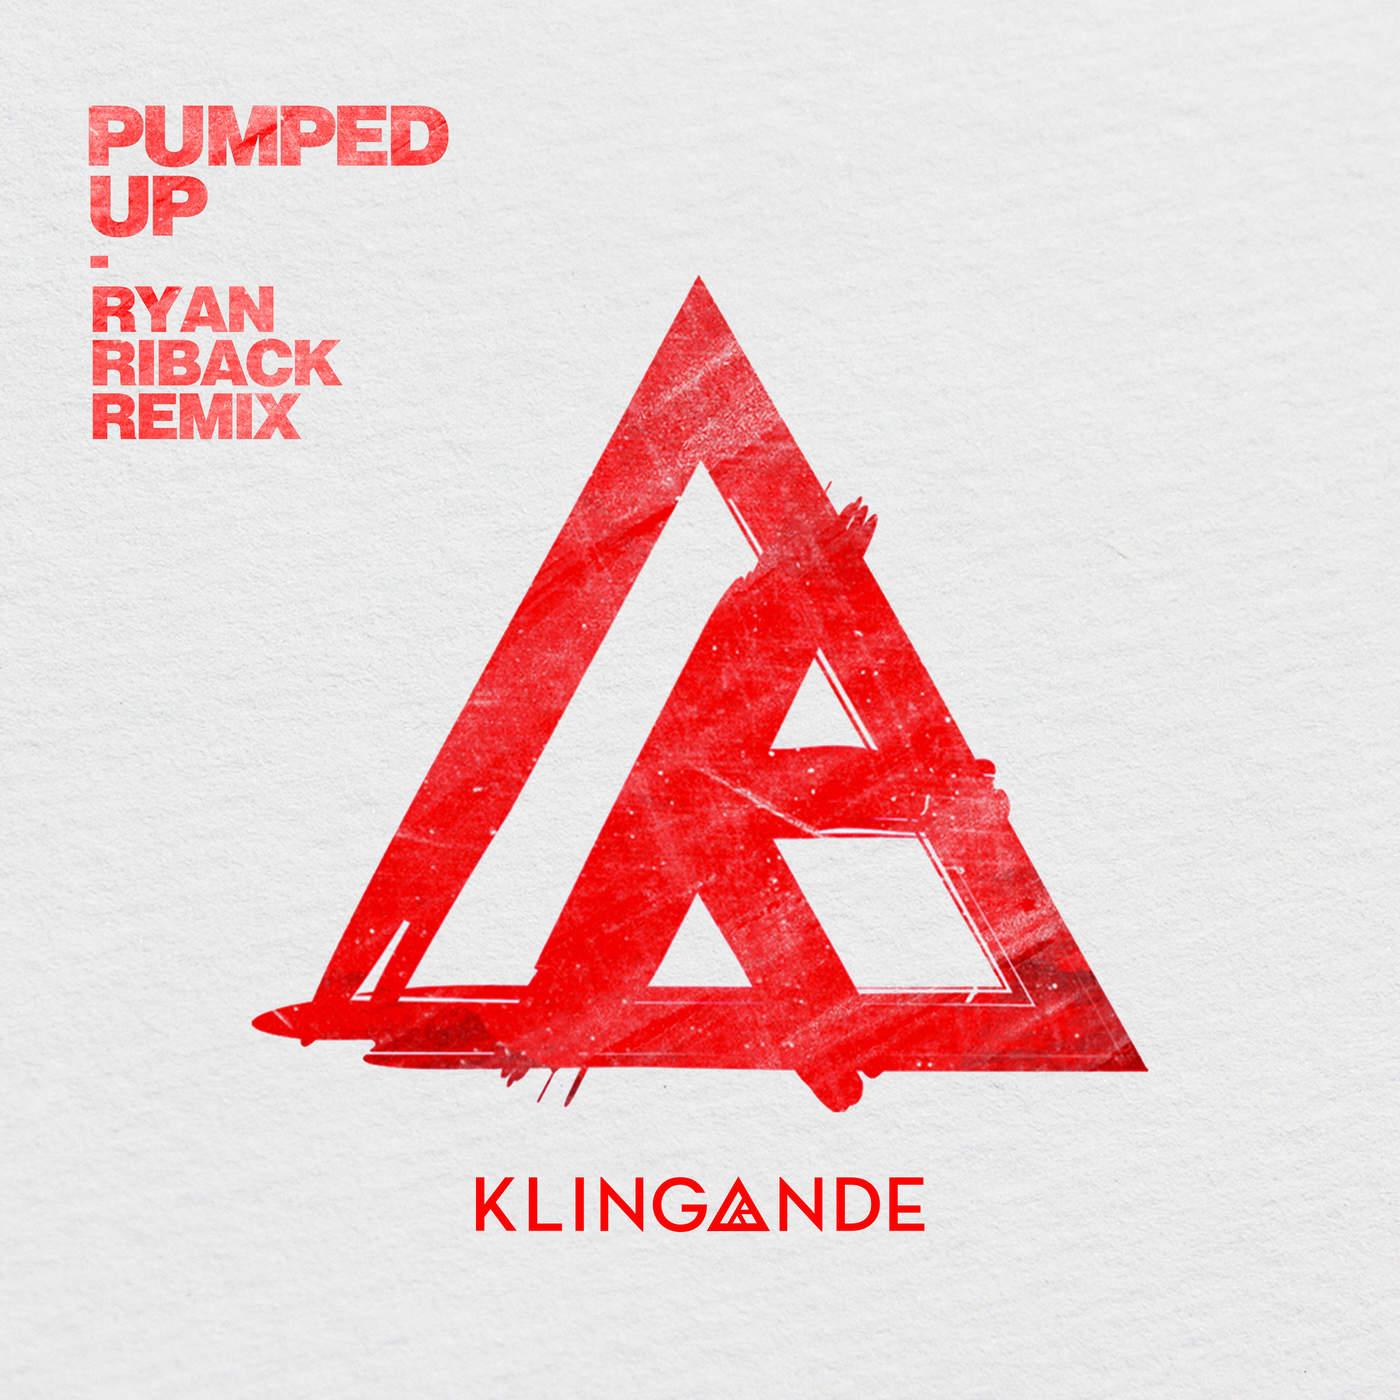 Klingande - Pumped Up (Ryan Riback Remix) - Single